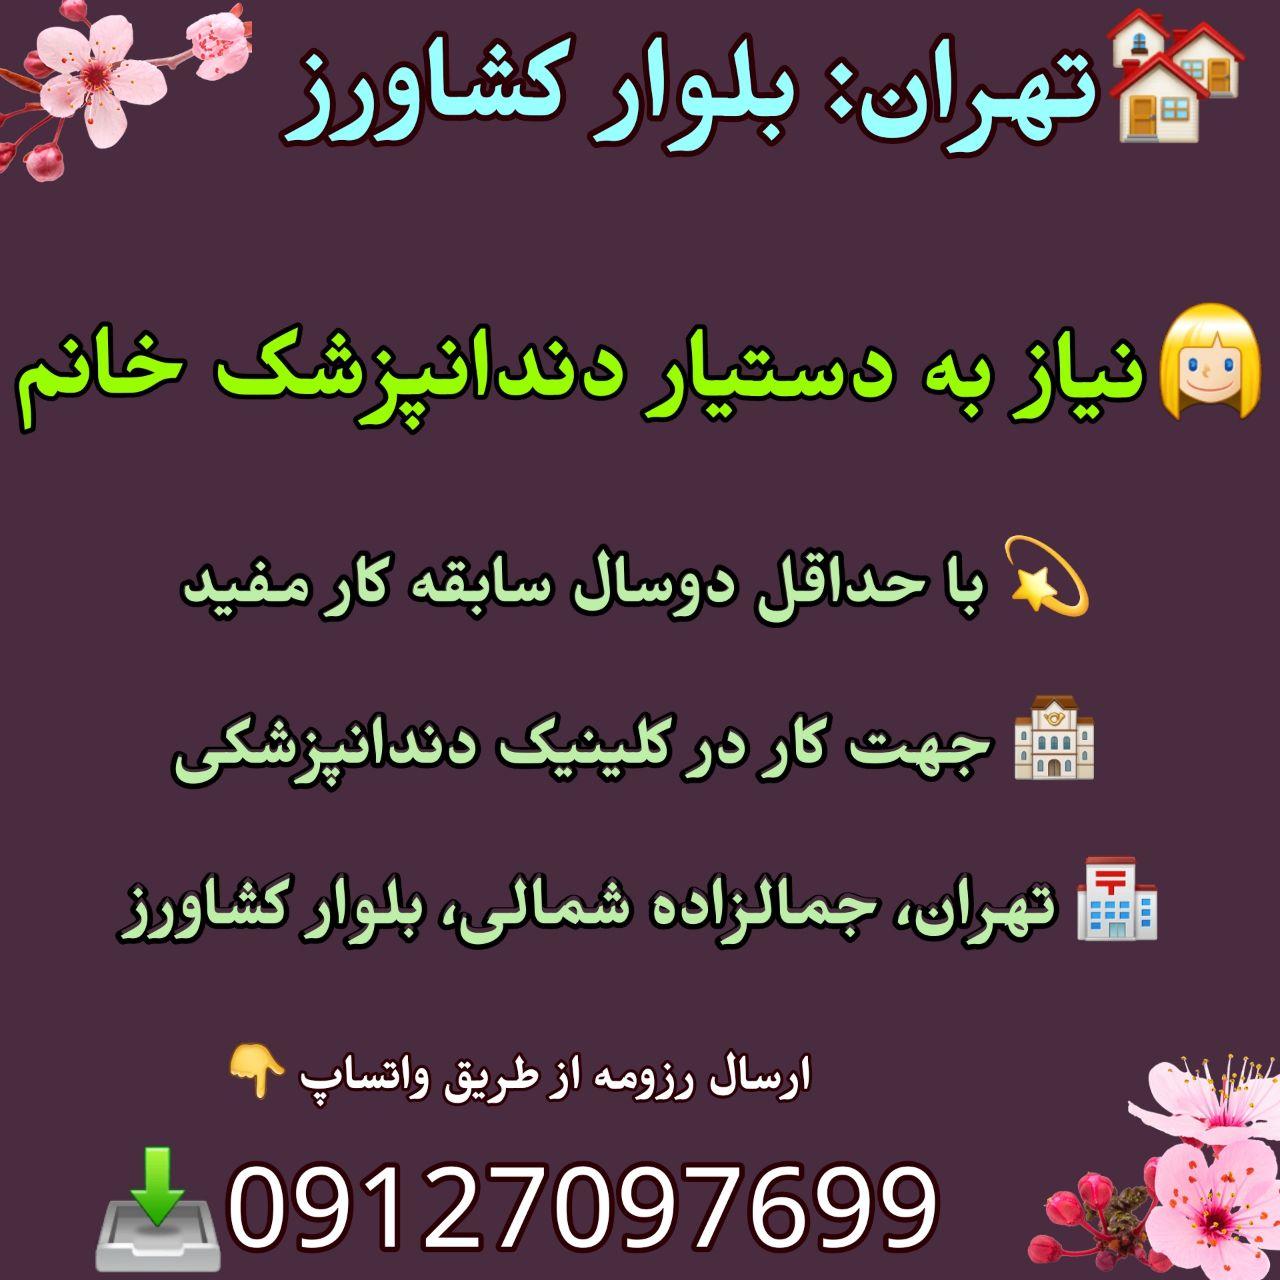 تهران: بلوار کشاورز، نیاز به دستیار دندانپزشک خانم